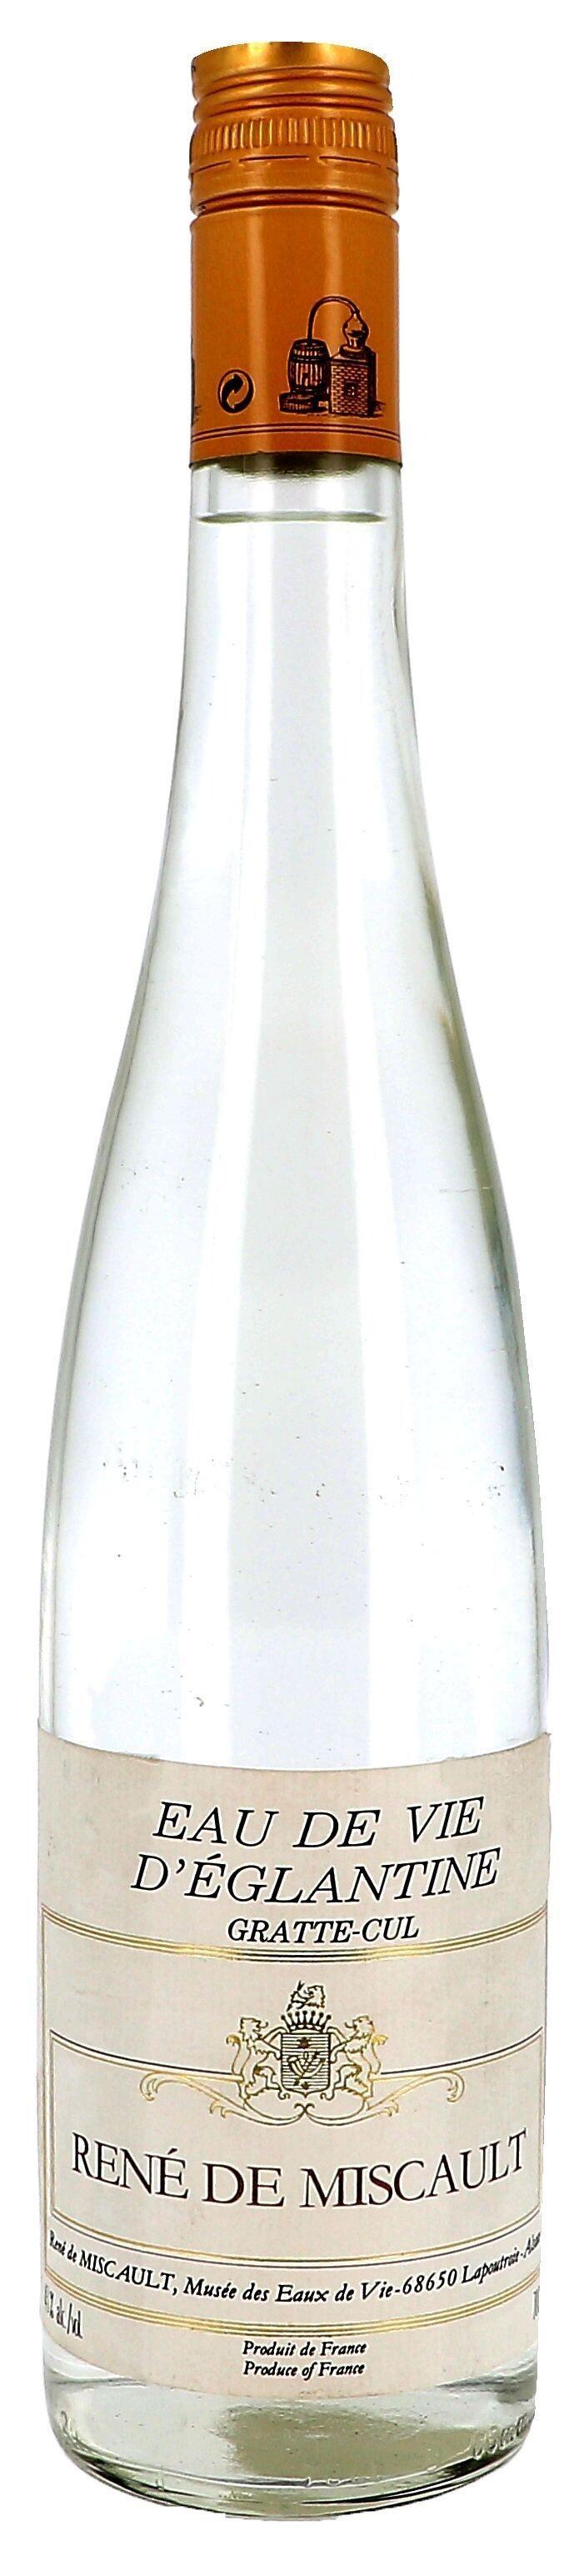 Eau de Vie d'Eglantine Gratte-Cul 70cl 43% René de Miscault (Eau de Vie)